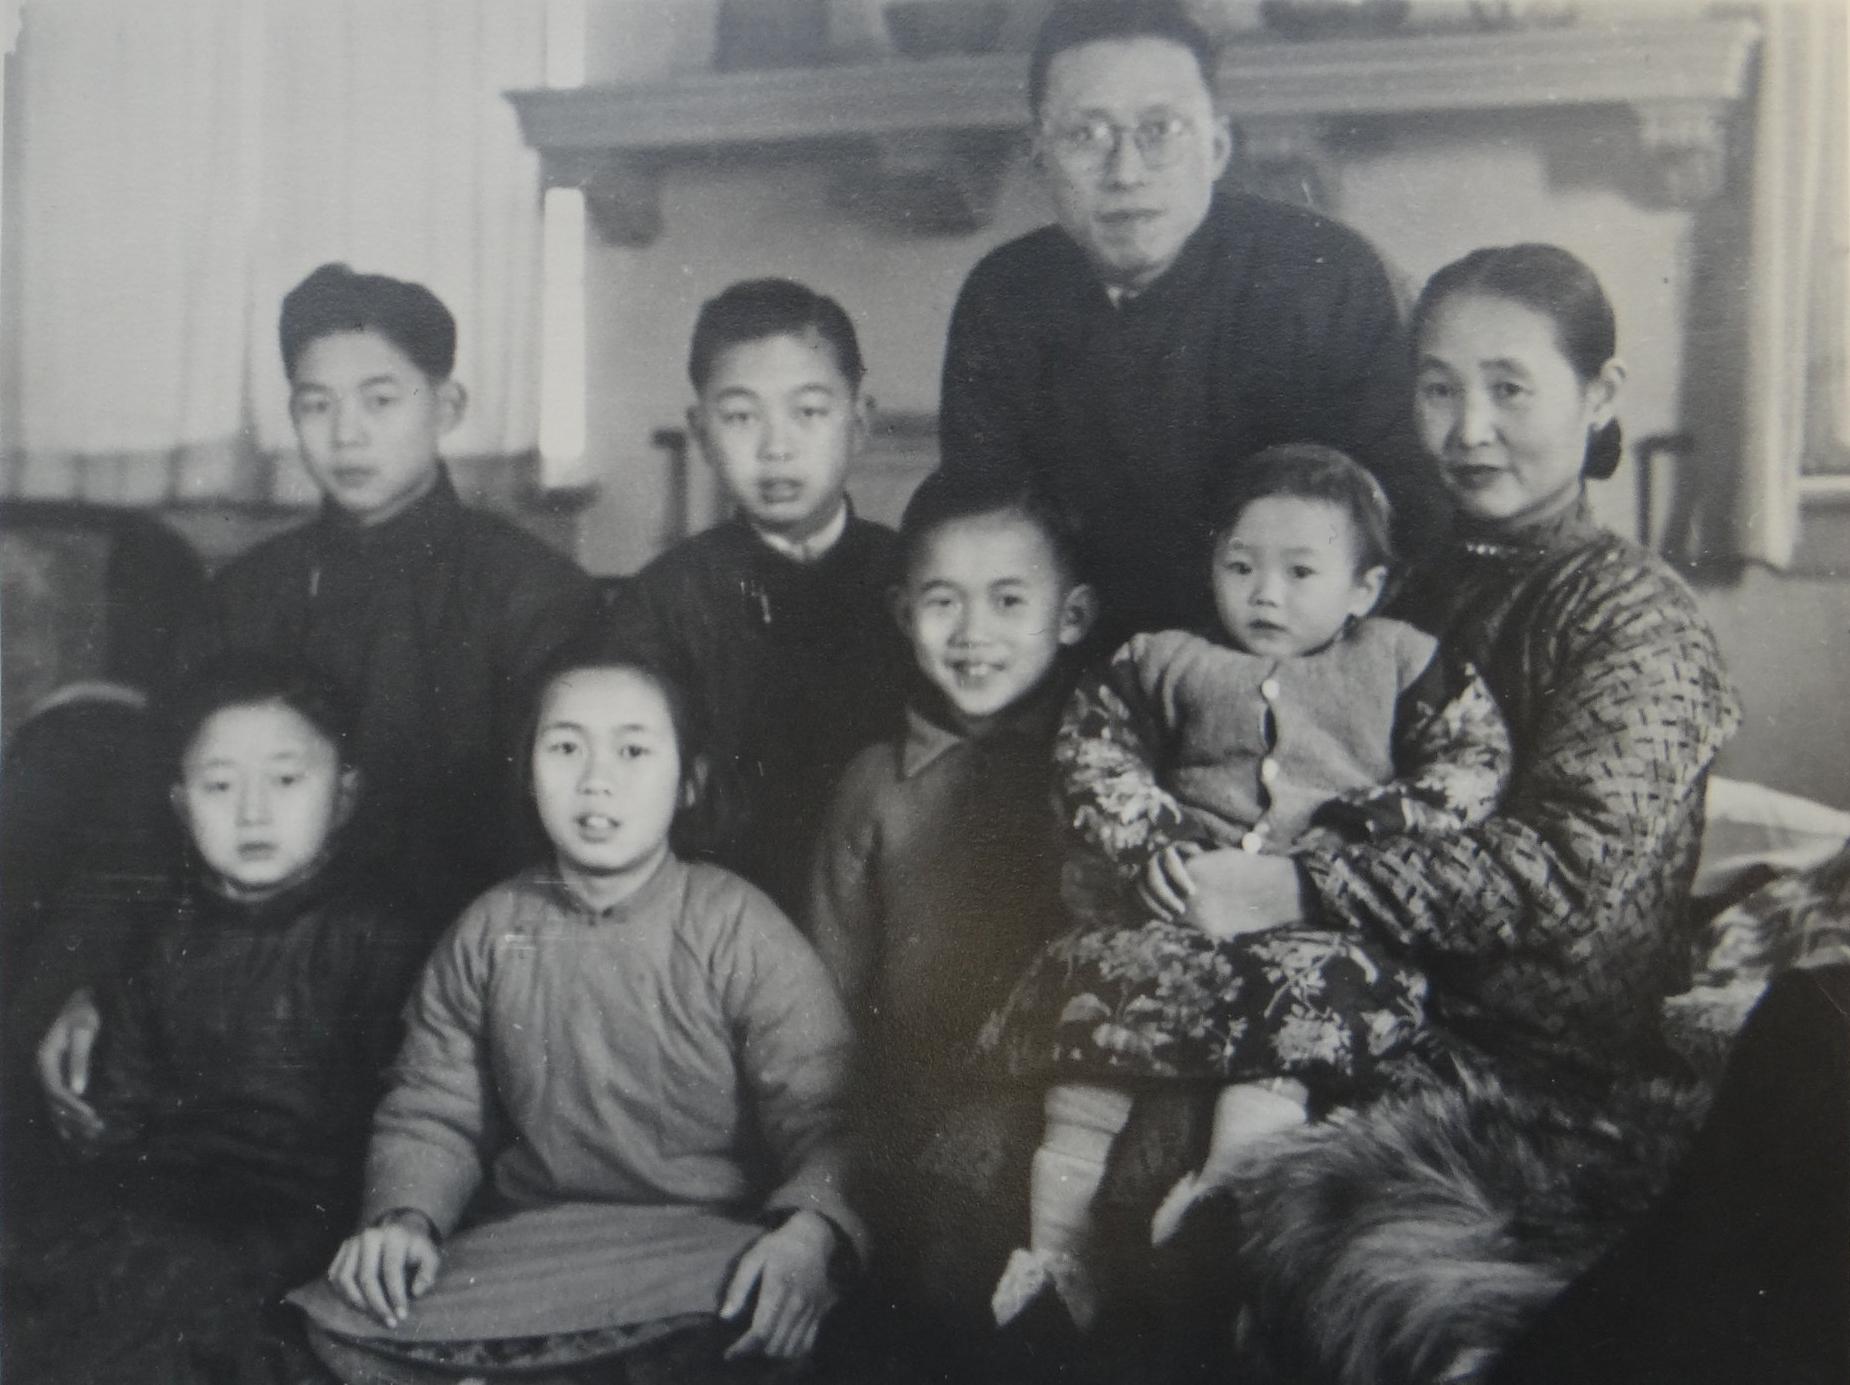 Ku family in Shanghai 1946.Back row left to right: #1 son Ku Wei-Lien, #2 son Ku Wei-Qing, Ku Yu-hsiu,  Mrs. Ku (Wang Wei-Zing ).Front row: #3 son Ku Wei-Hua (Walter), #1 daughter (3rd child) Ku Wei-Wen, #4 son Ku Wei-chung (John), #2 daughter Ku Wei-Ming (Anna). Not shown: #5 son Ku Wei-Kuo (Victor).  Courtesy Anna Ku Lau.